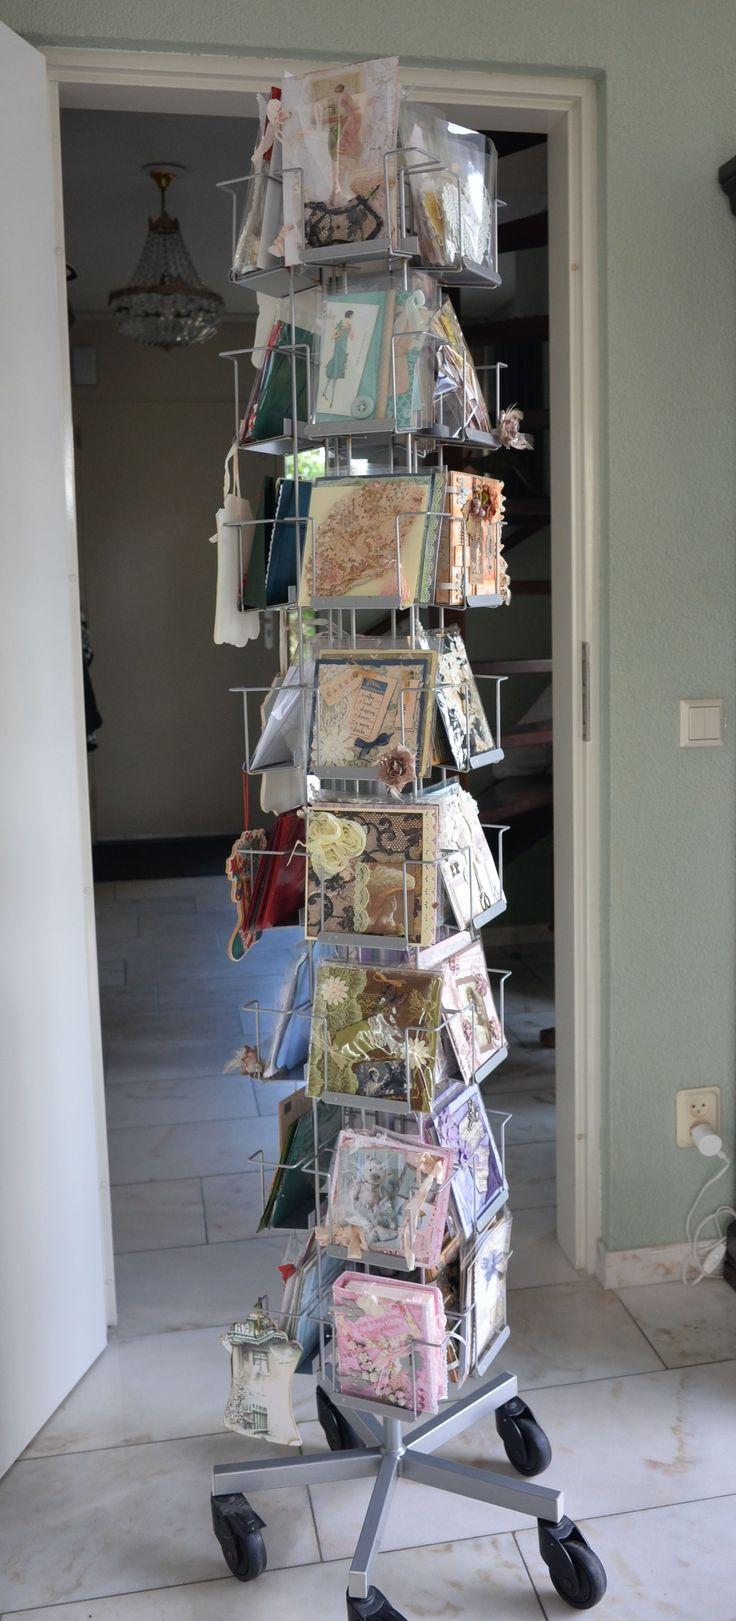 Kaartencarrousel om de zelfgemaakte kunstwerkjes, die ik de afgelopen jaren hebt gemaakt en ontvangen, te bewaren.